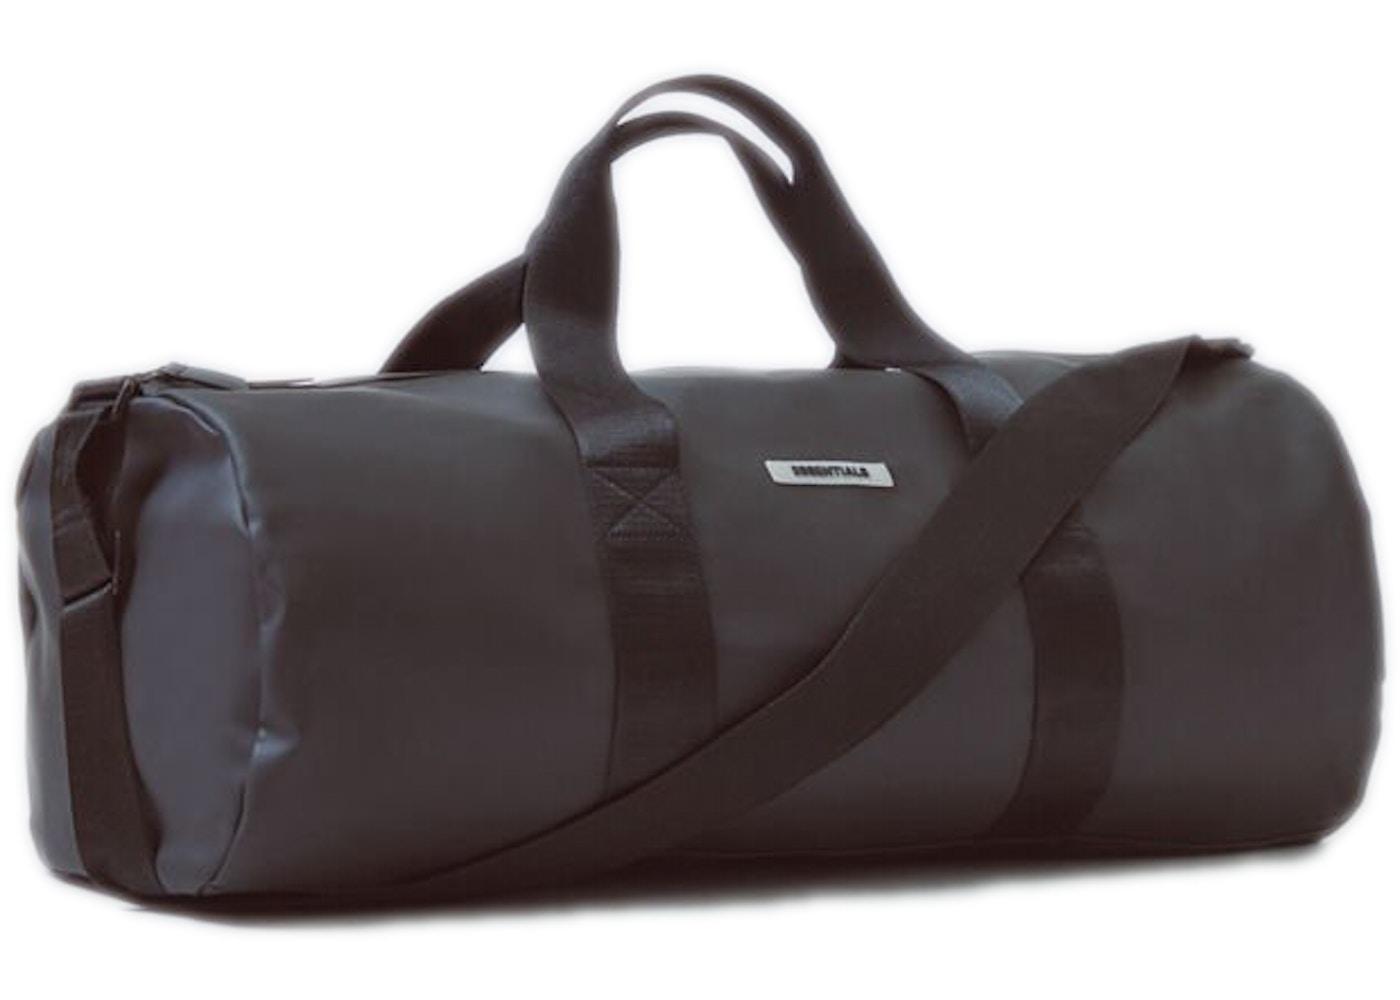 Essentials Waterproof Duffel Bag Black